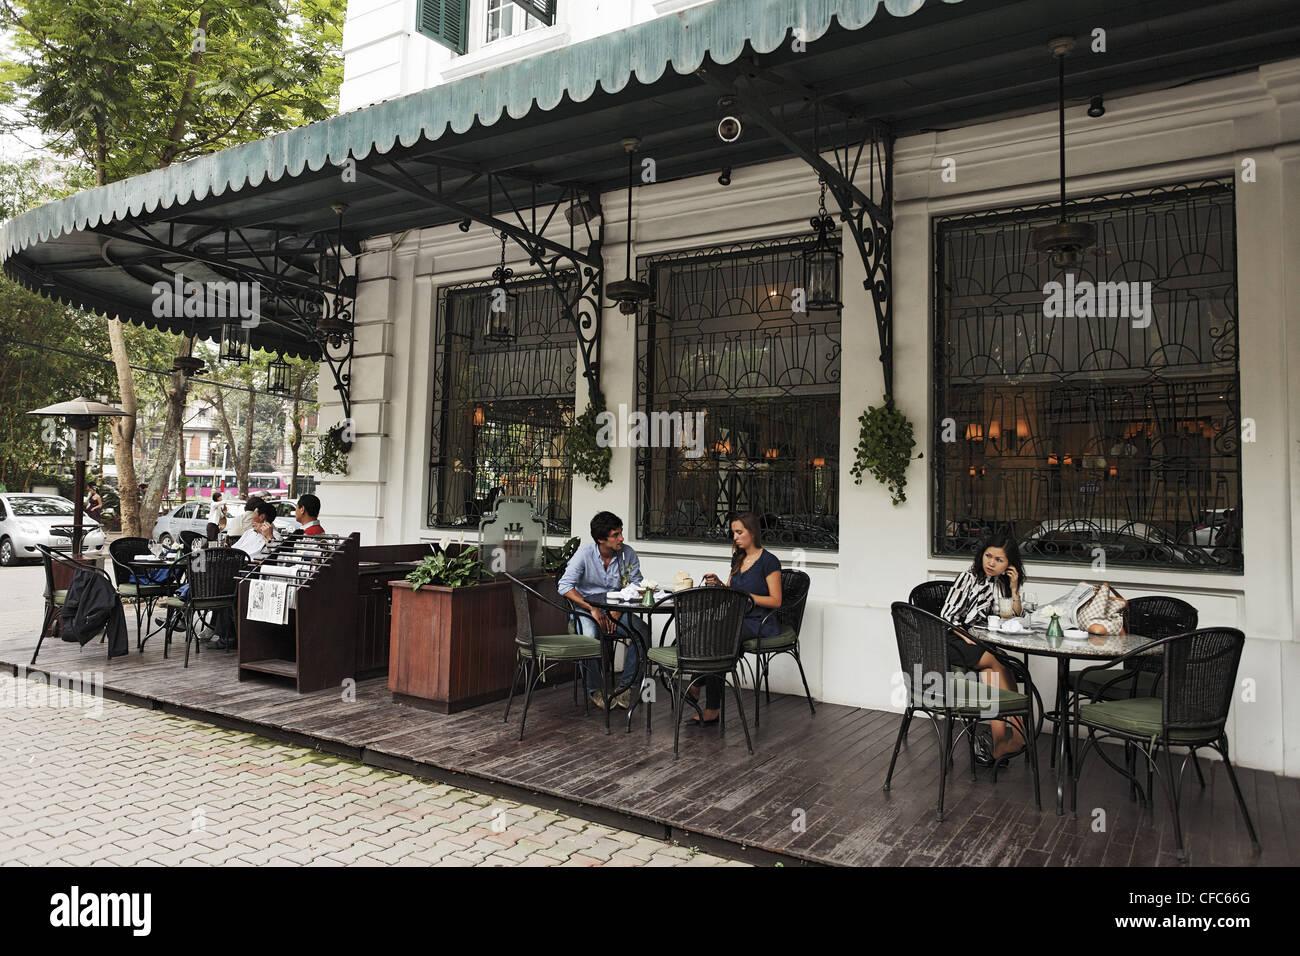 Restaurant French Quarter Hanoi